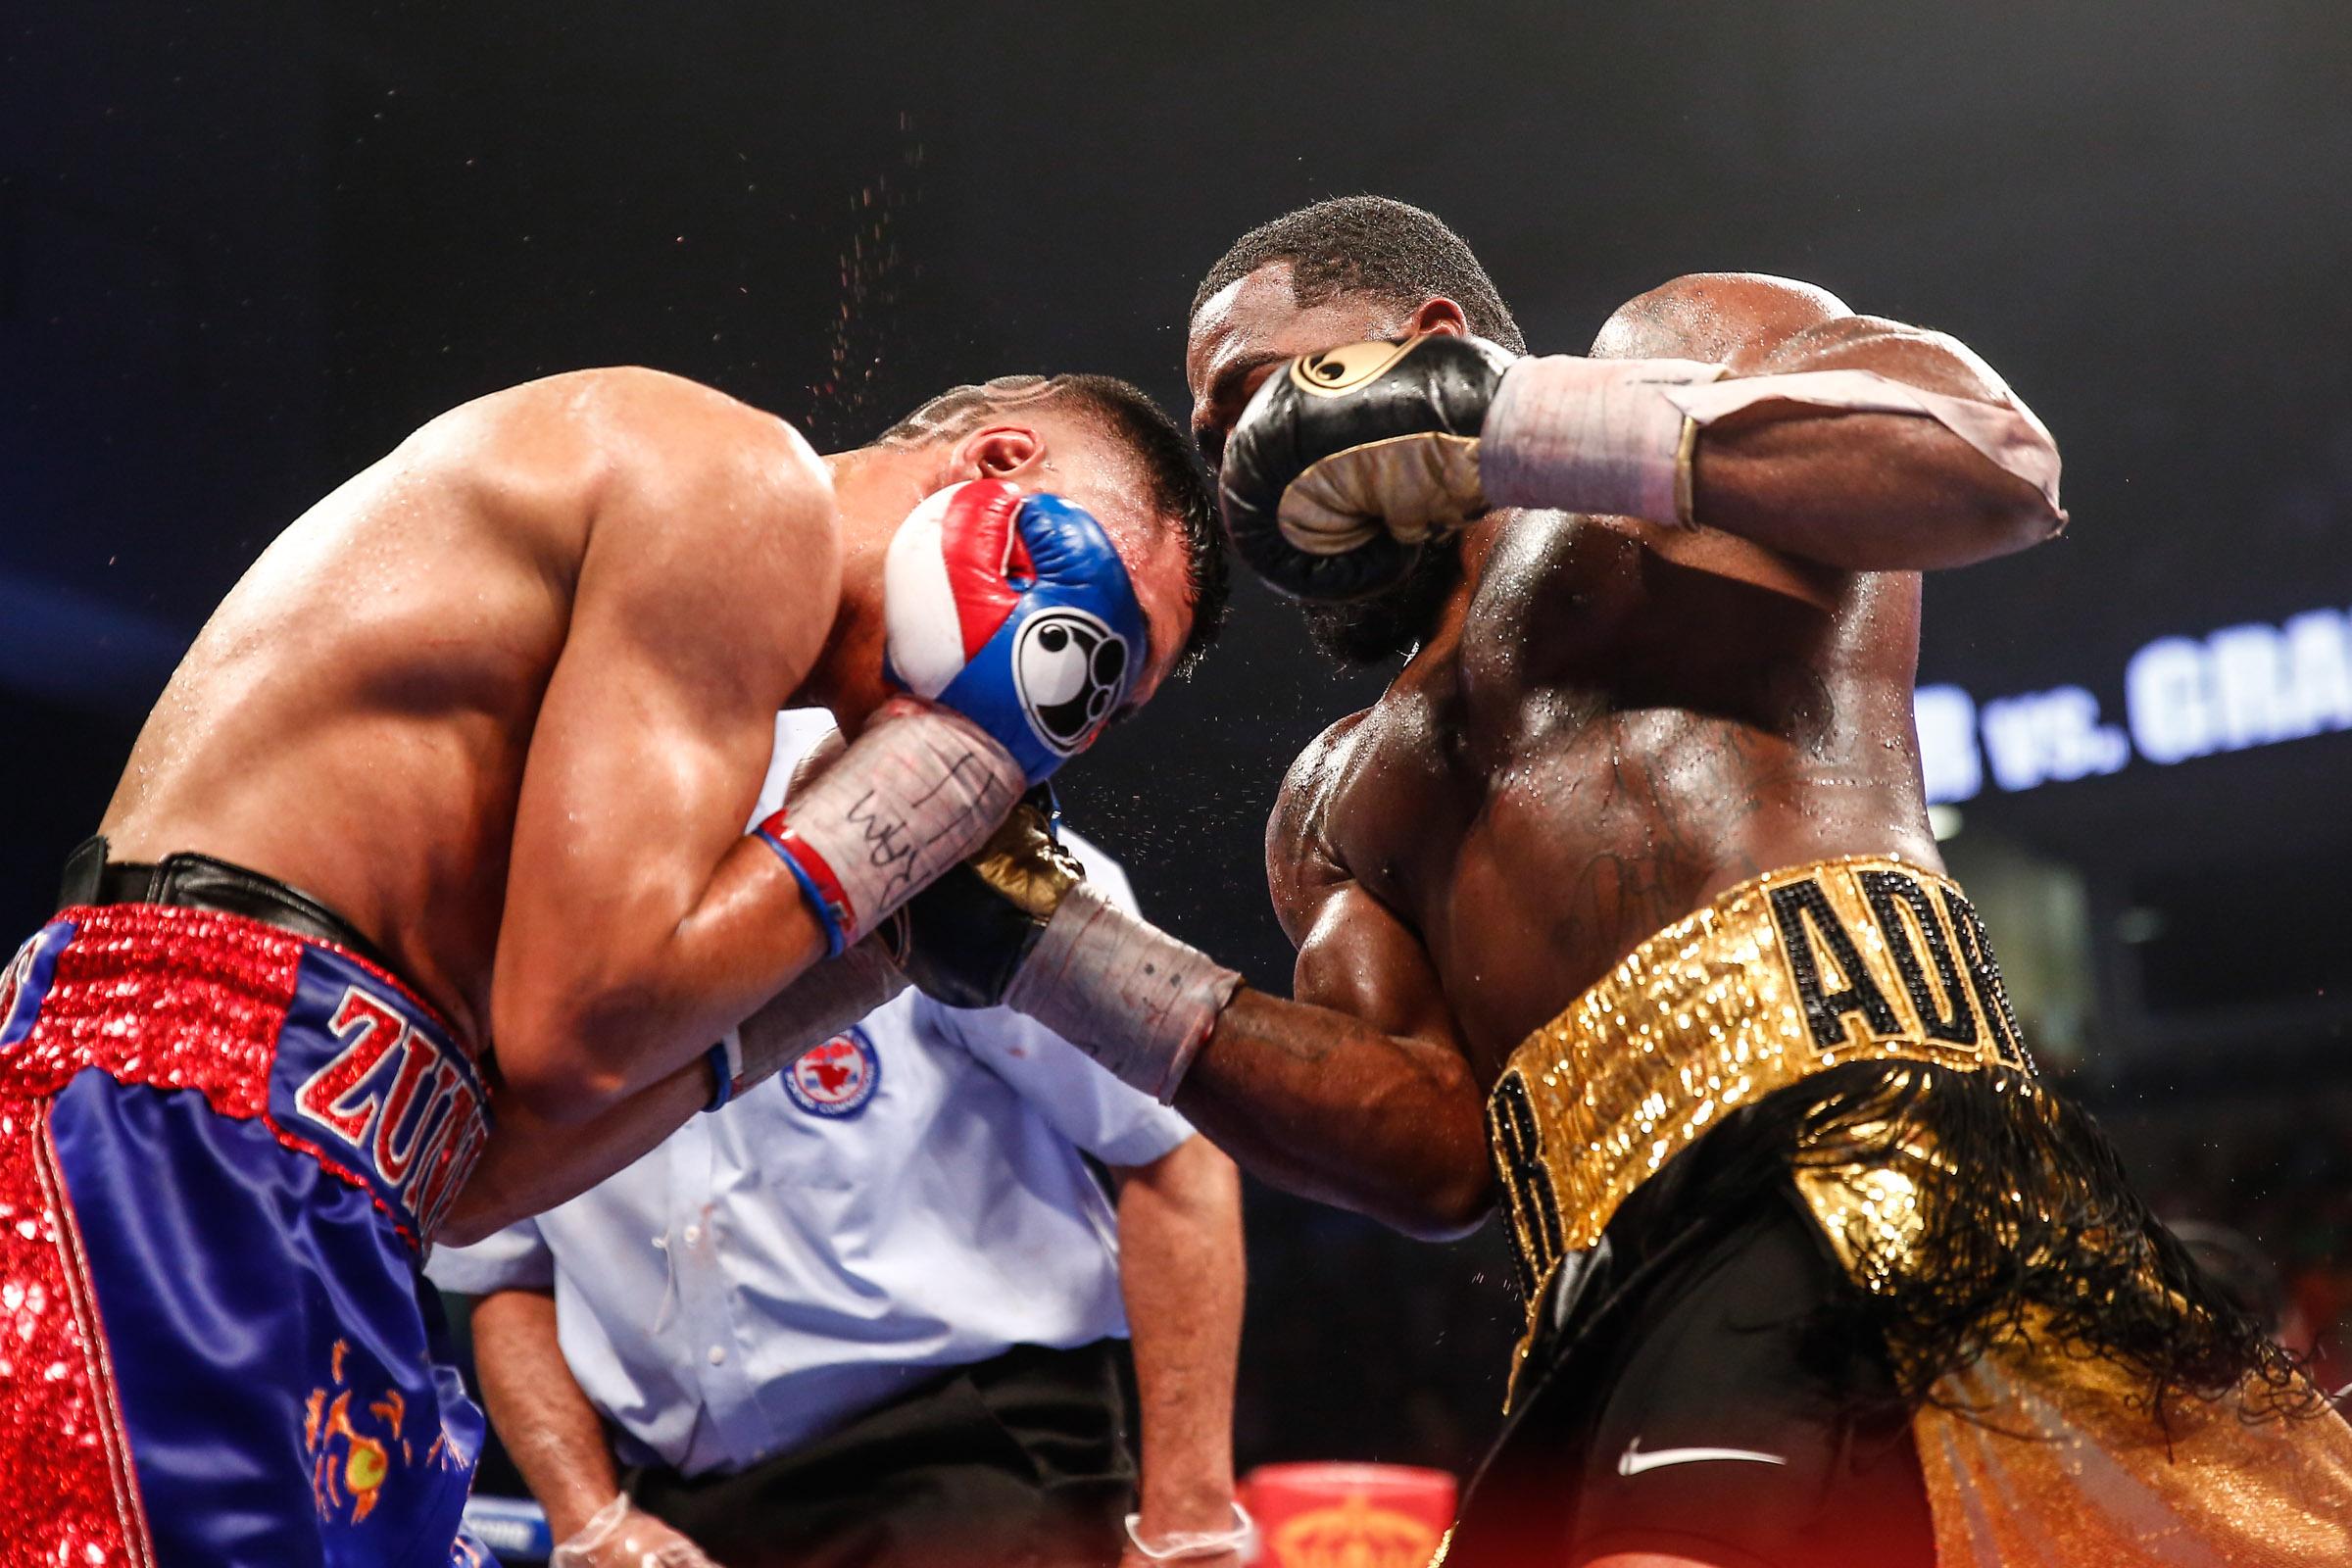 LR_SHO-FIGHT NIGHT-BRONER VS GRANADOS-02182017-0049.jpg